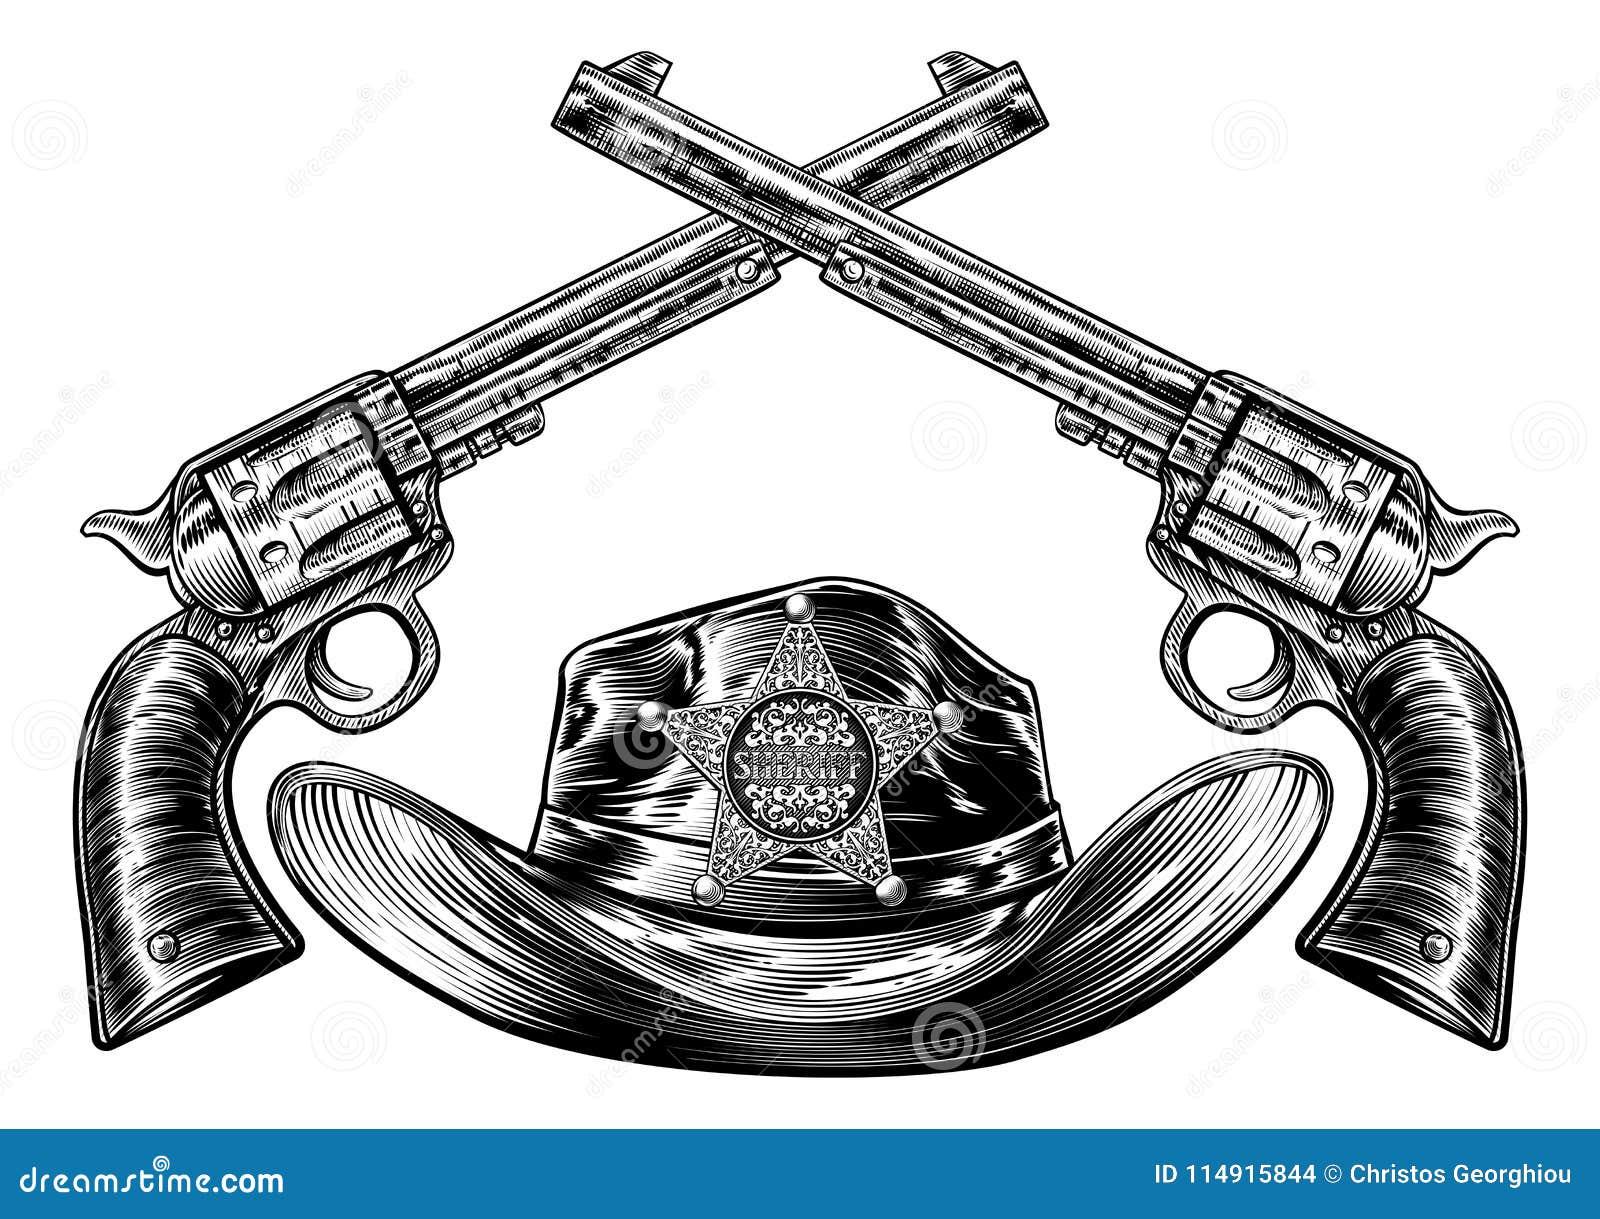 Vaquero Hat Del Sheriff Y Armas Con La Insignia De La